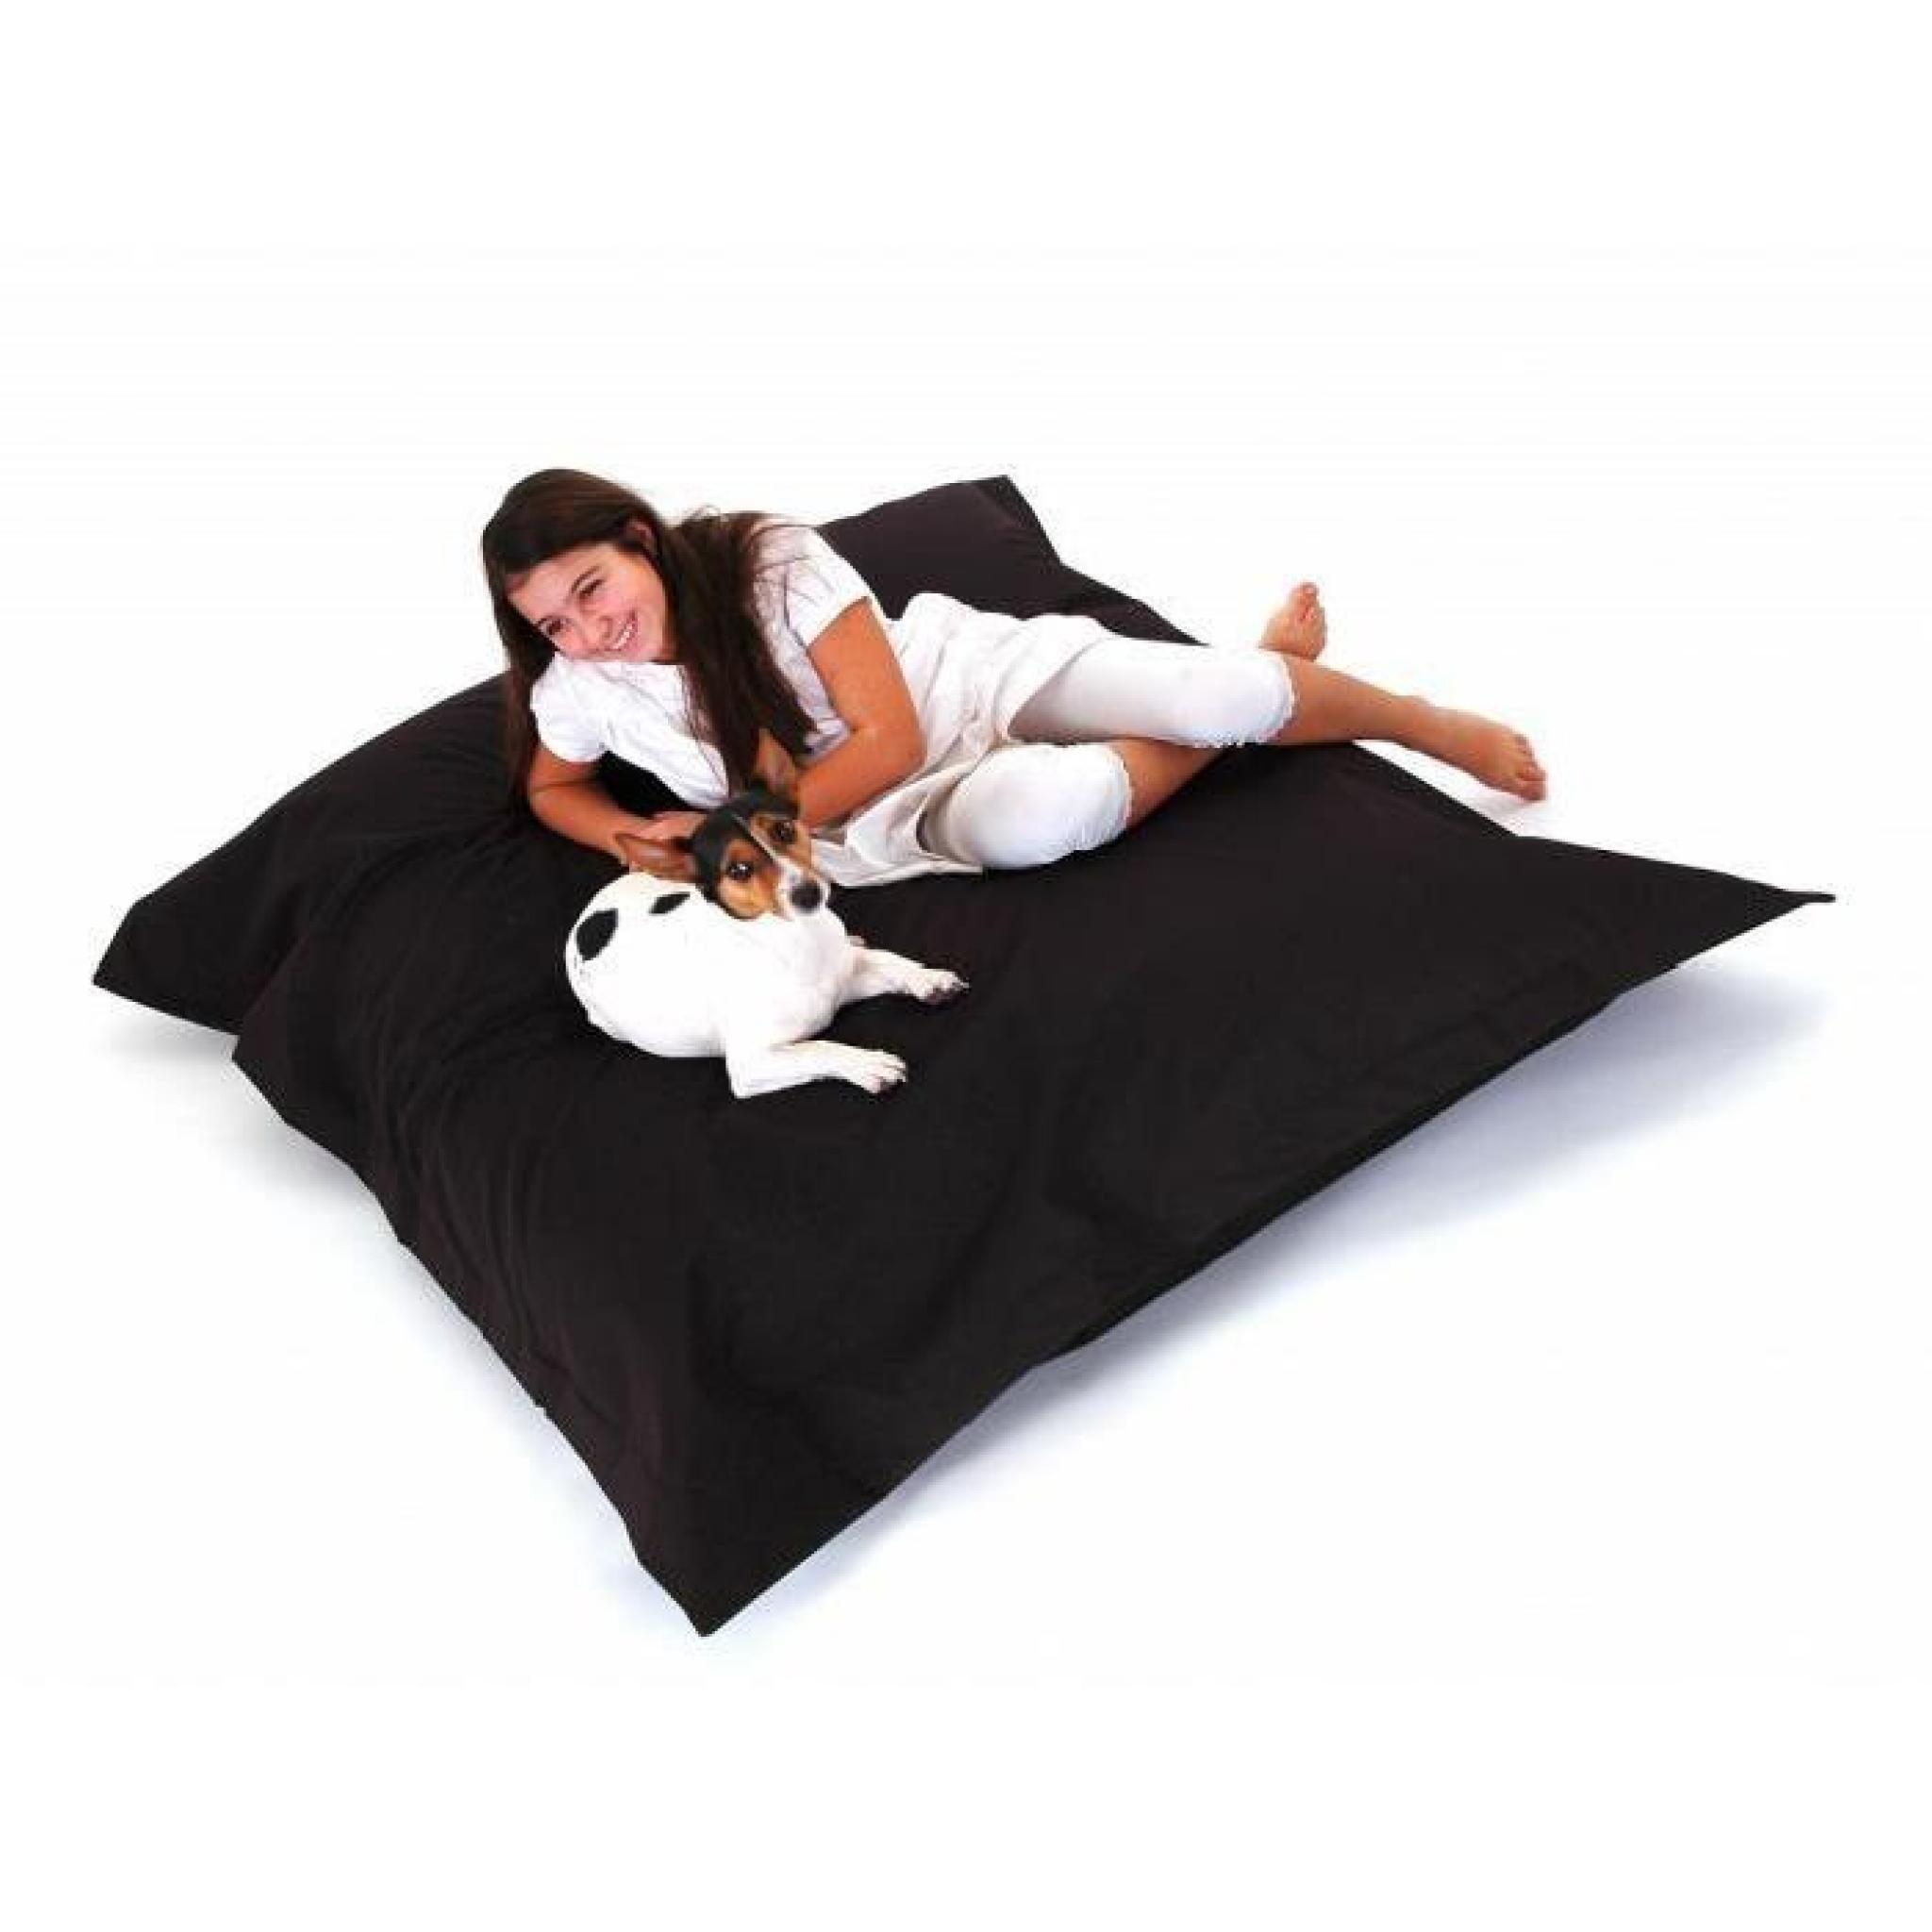 pouf g ant xxl coussin de sol 140x180 cm noir achat vente pouf exterieur pas cher. Black Bedroom Furniture Sets. Home Design Ideas